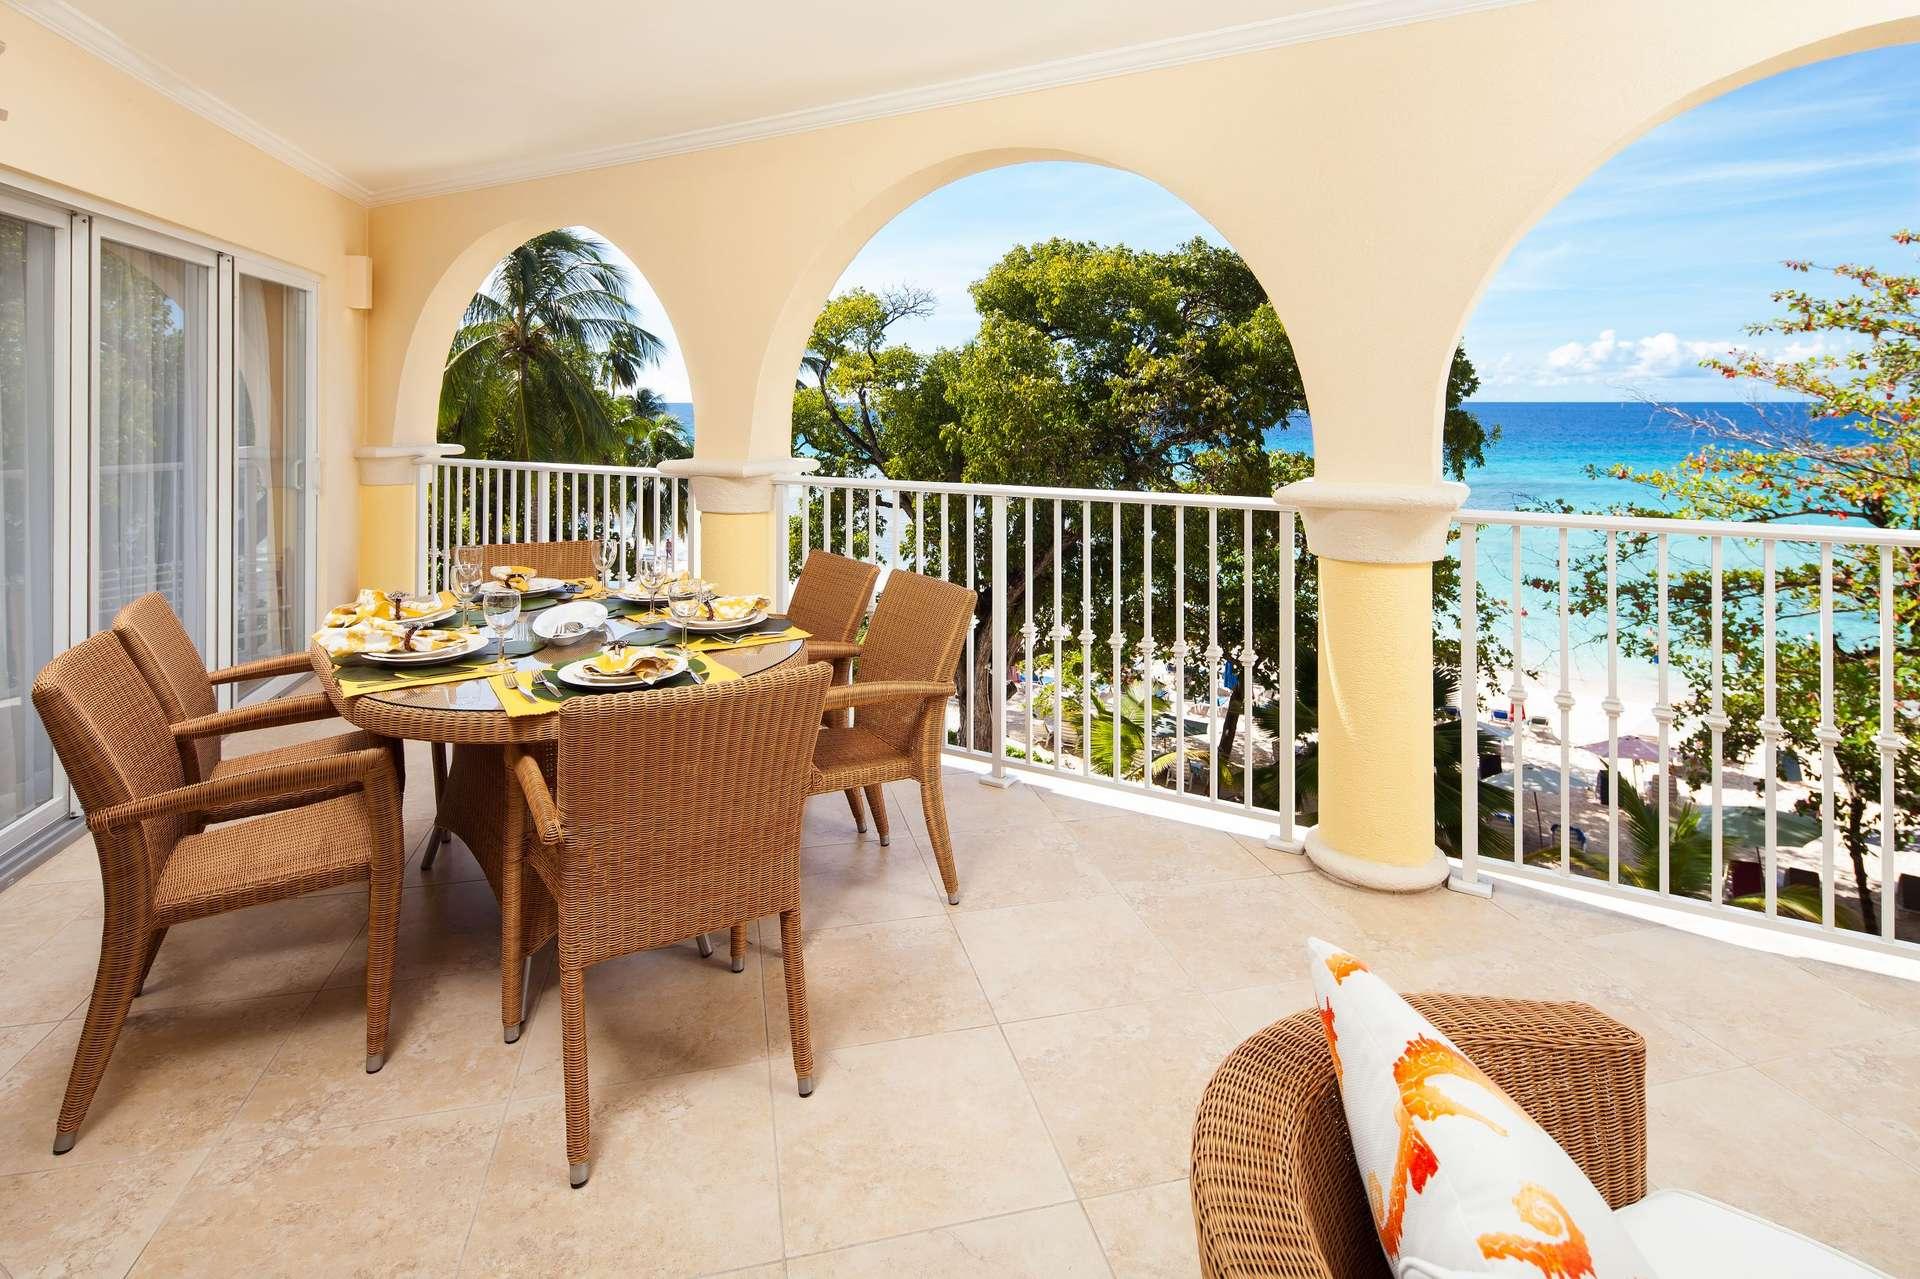 Luxury villa rentals caribbean - Barbados - Christ church - Sapphire beach condos - Sapphire Beach 309 - Image 1/11